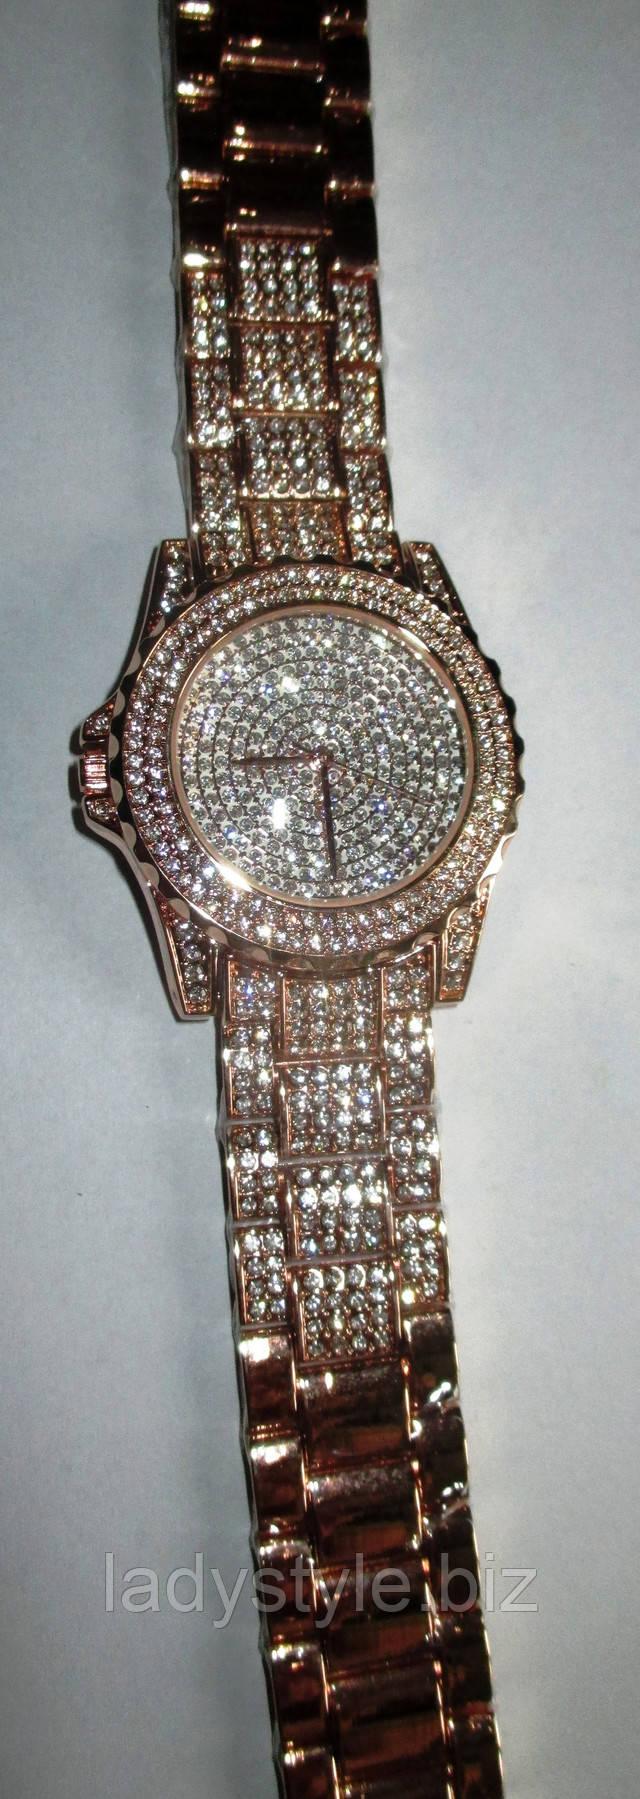 купить украшения серебро колье ожерелье натуральный лунный камень подарок талисман амулет украшение серьги диопсид хромдиопсид